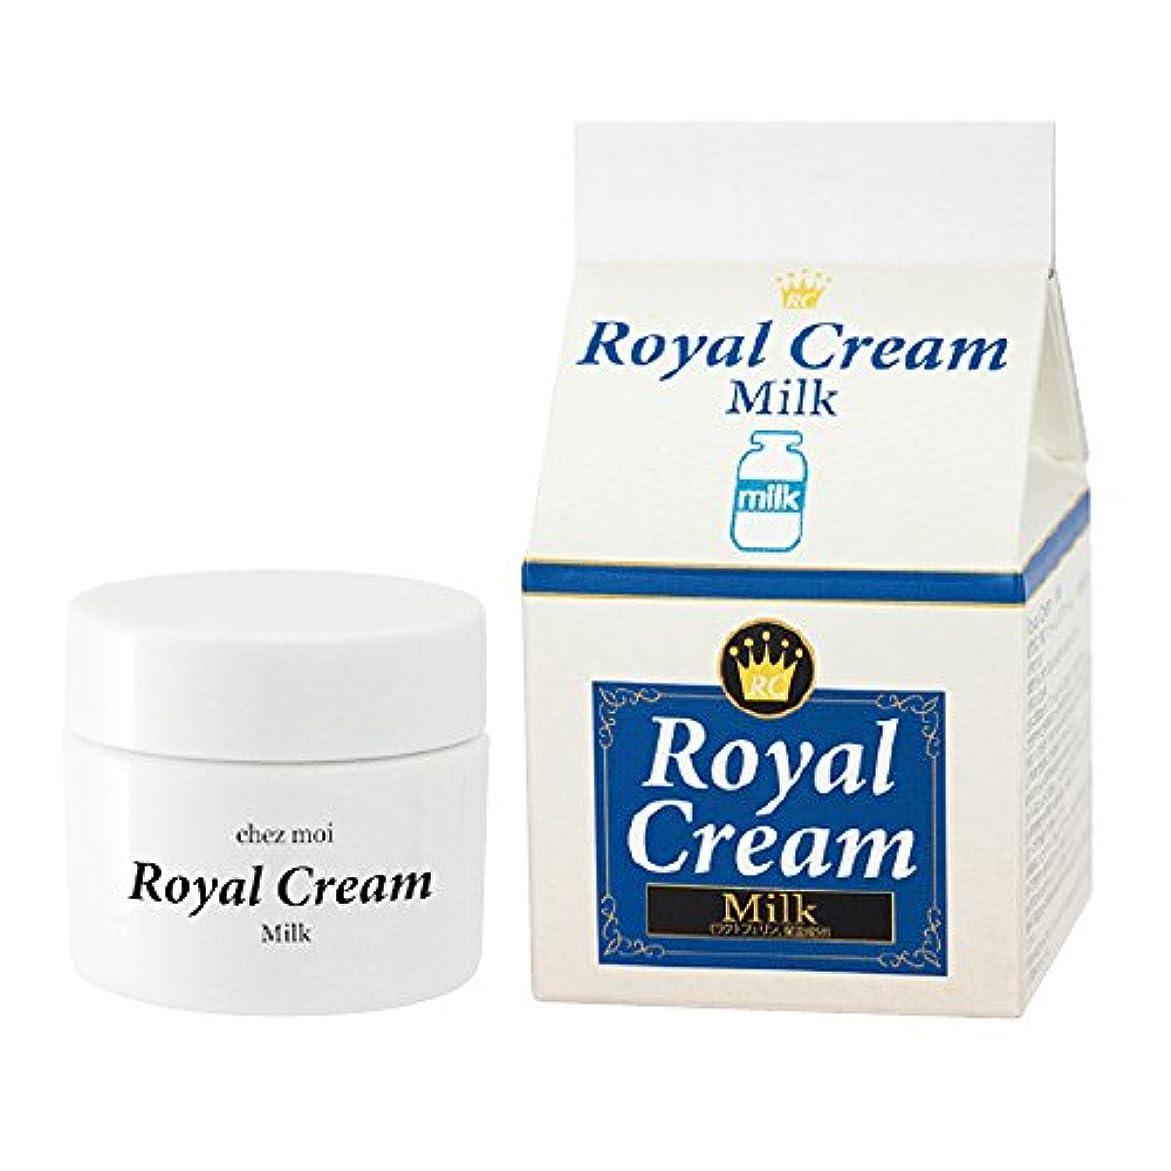 アミューズ放散するウッズRoyal Cream(ロイヤルクリーム) Milk(ミルク) 30g